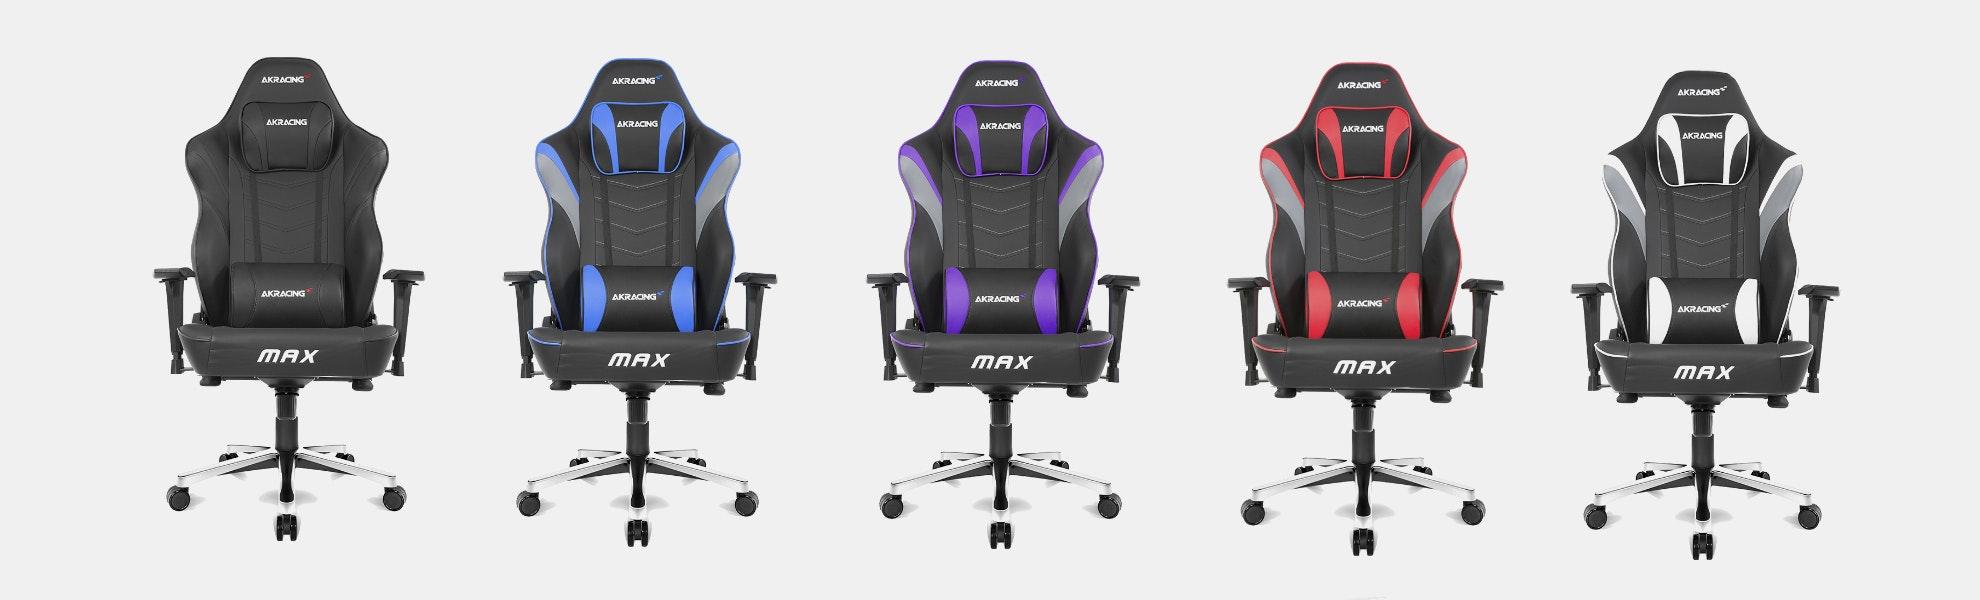 AKRacing MAX Gaming Chairs (2018 Models)